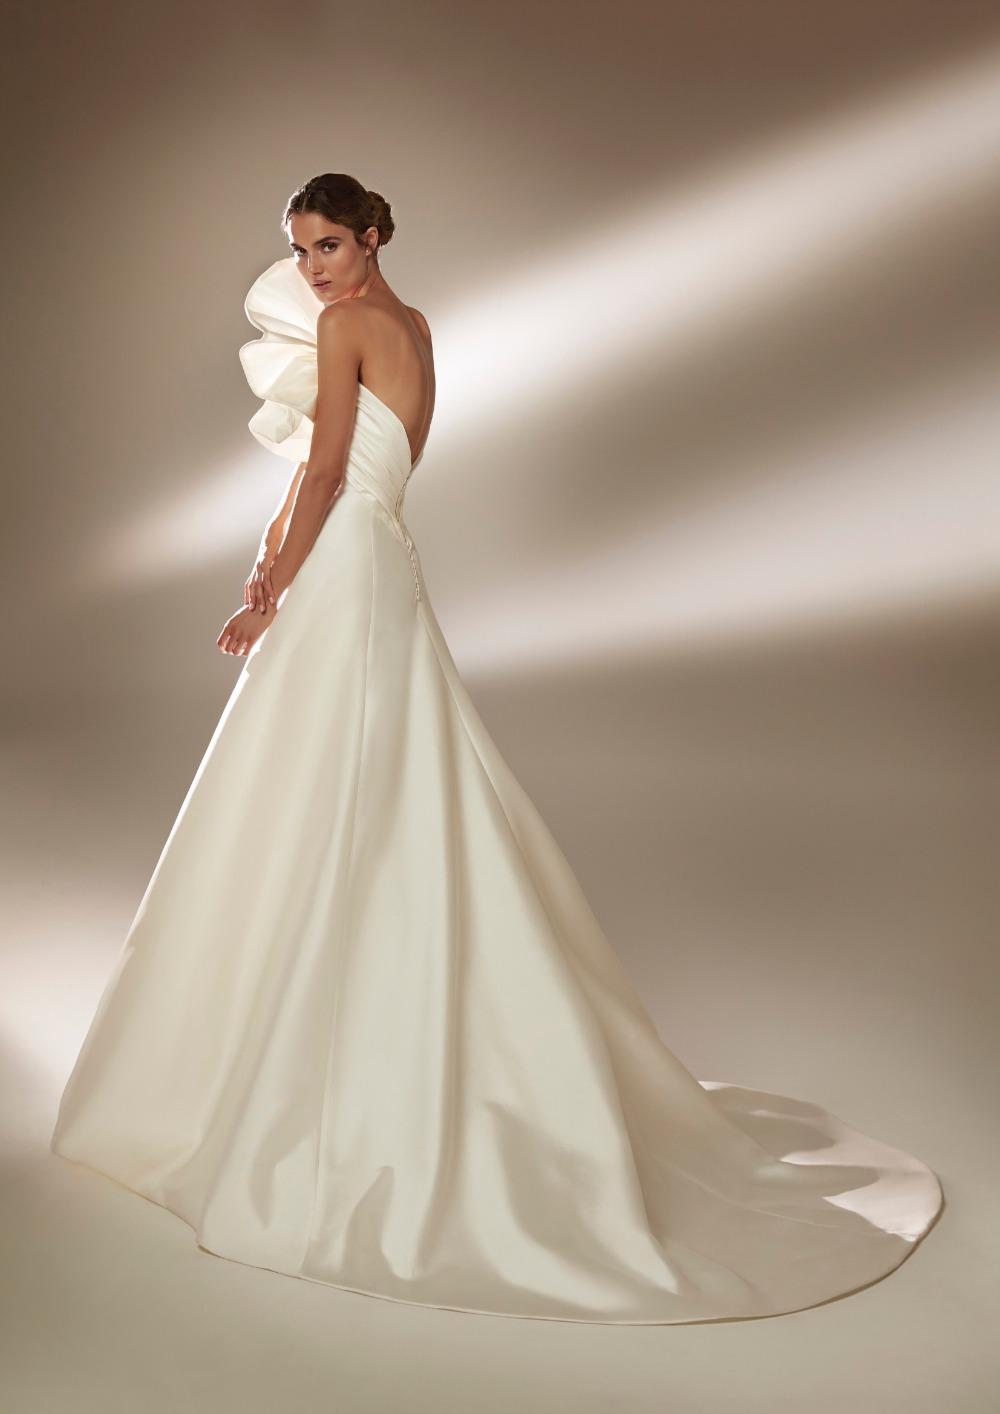 Atelier Pronovias * Svadobné šaty z kolekcie na 2021 - Obrázok č. 10